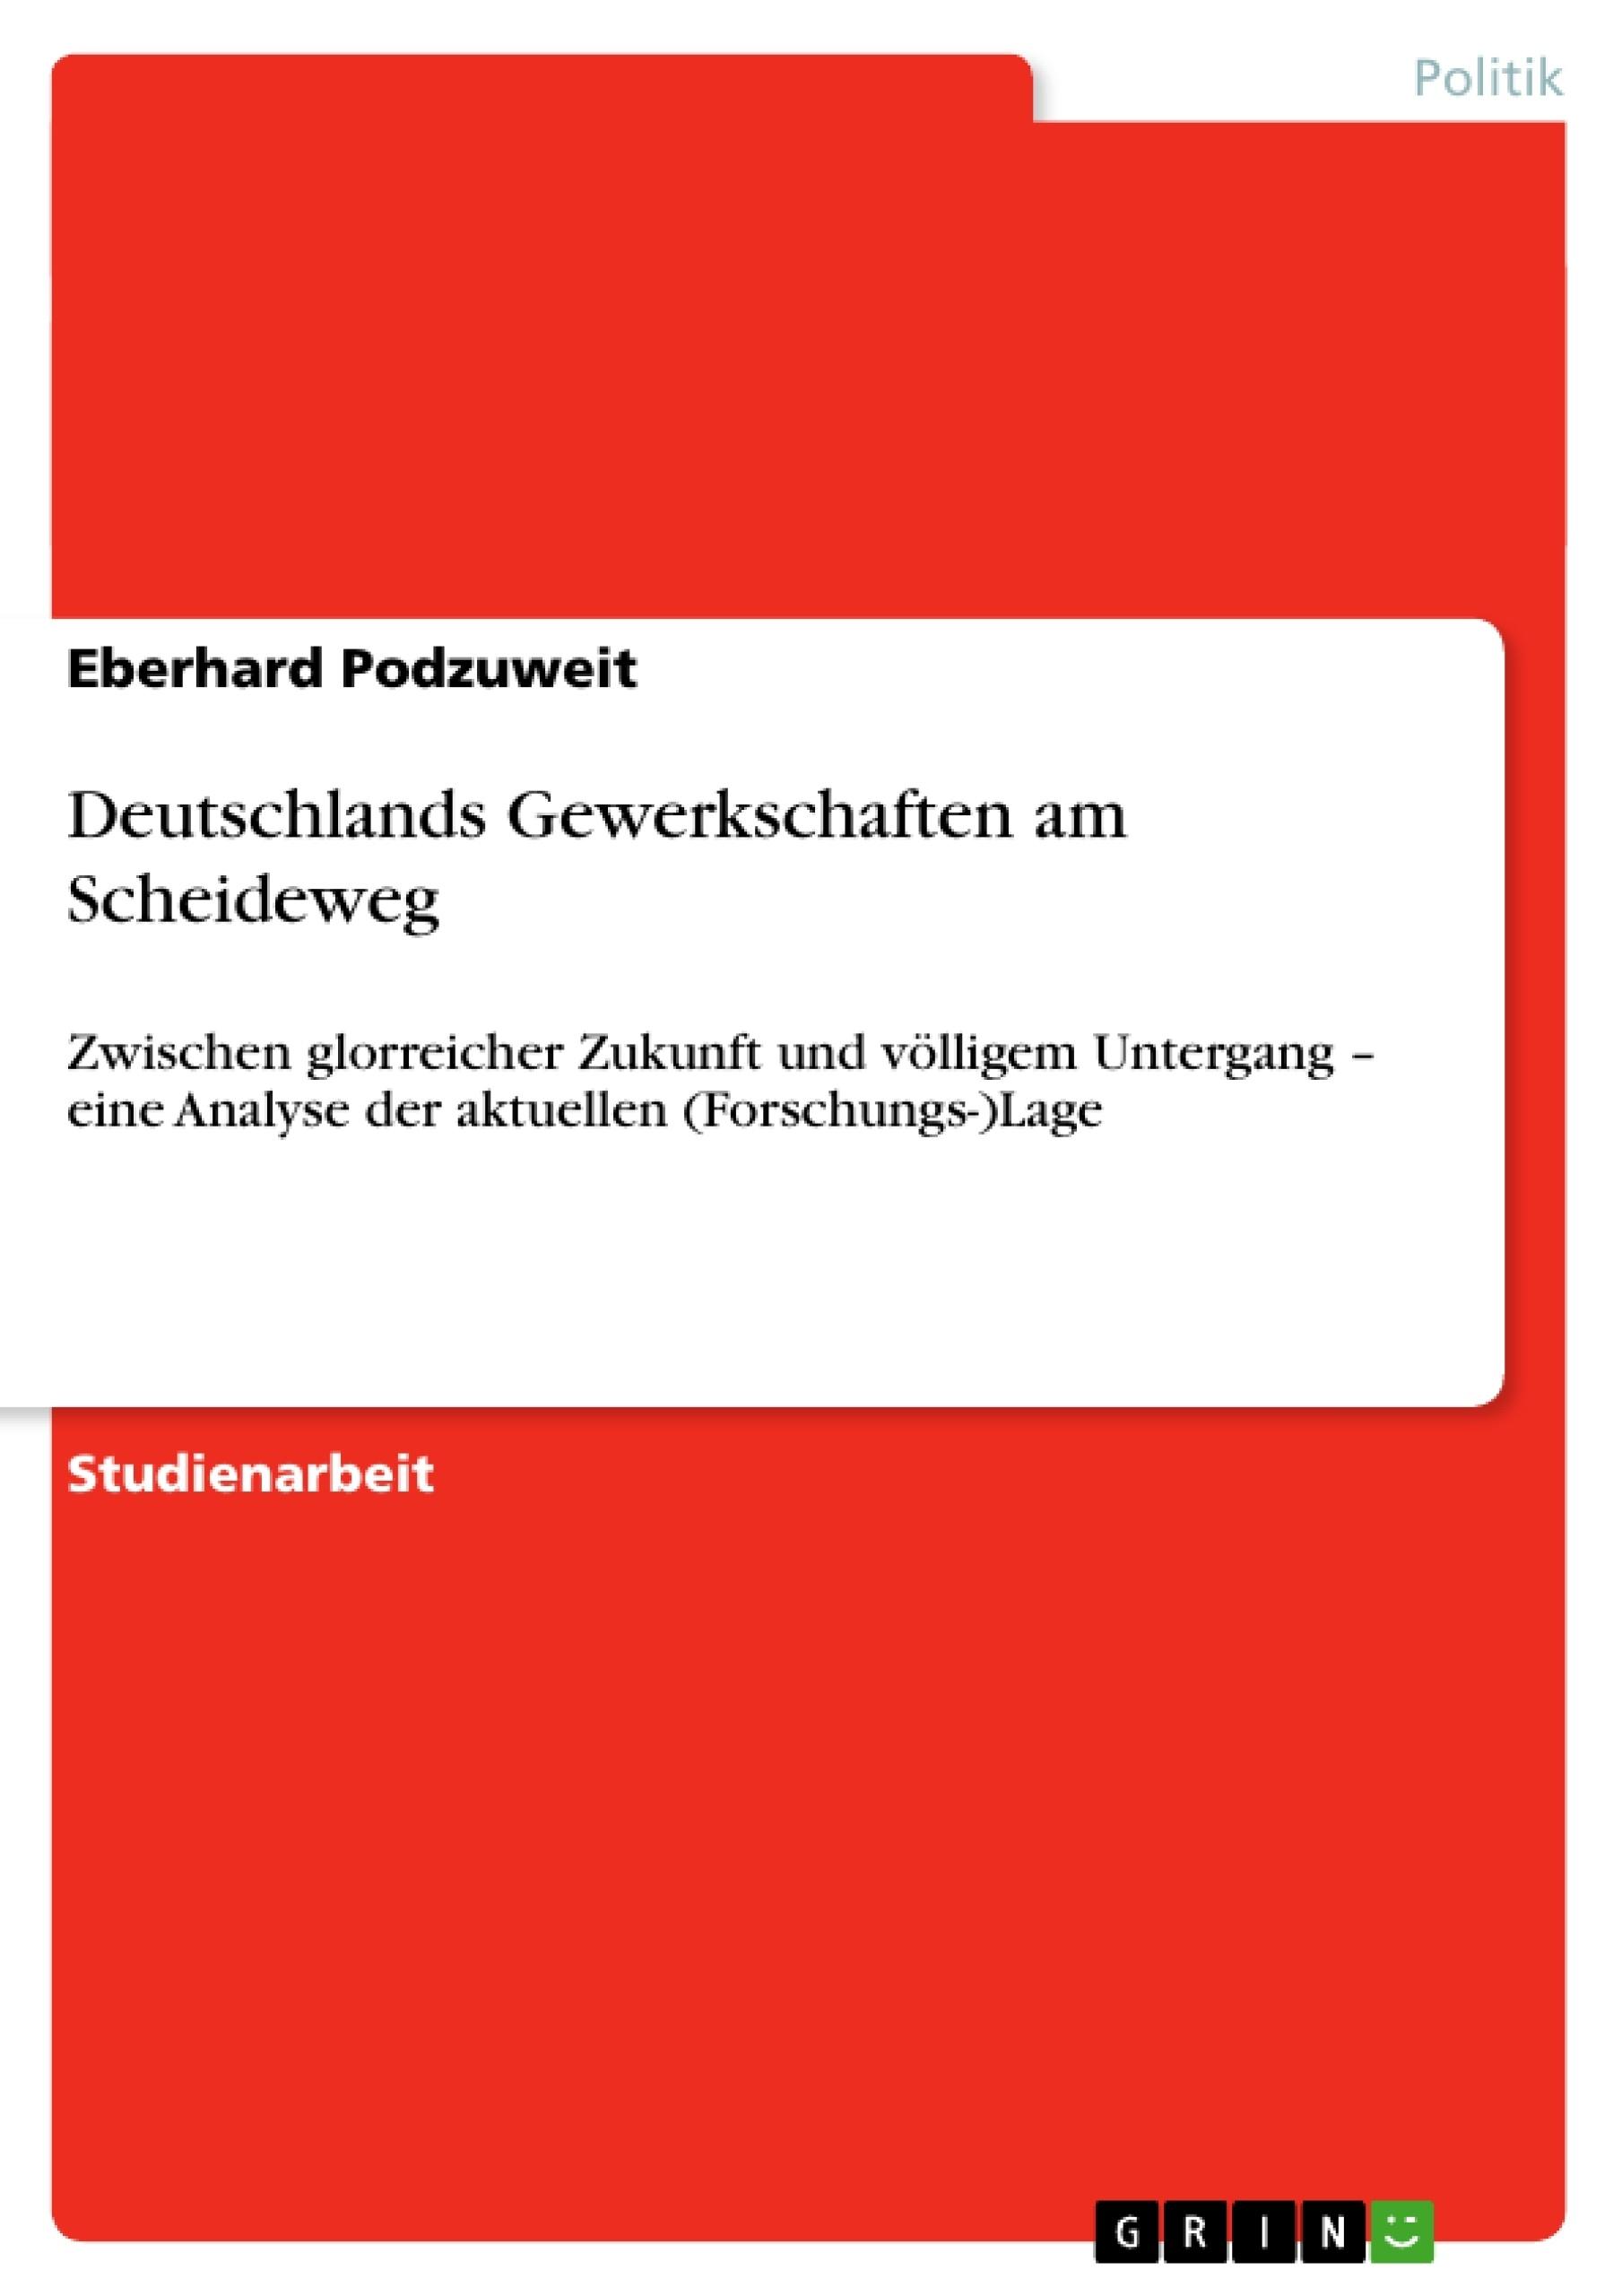 Titel: Deutschlands Gewerkschaften am Scheideweg